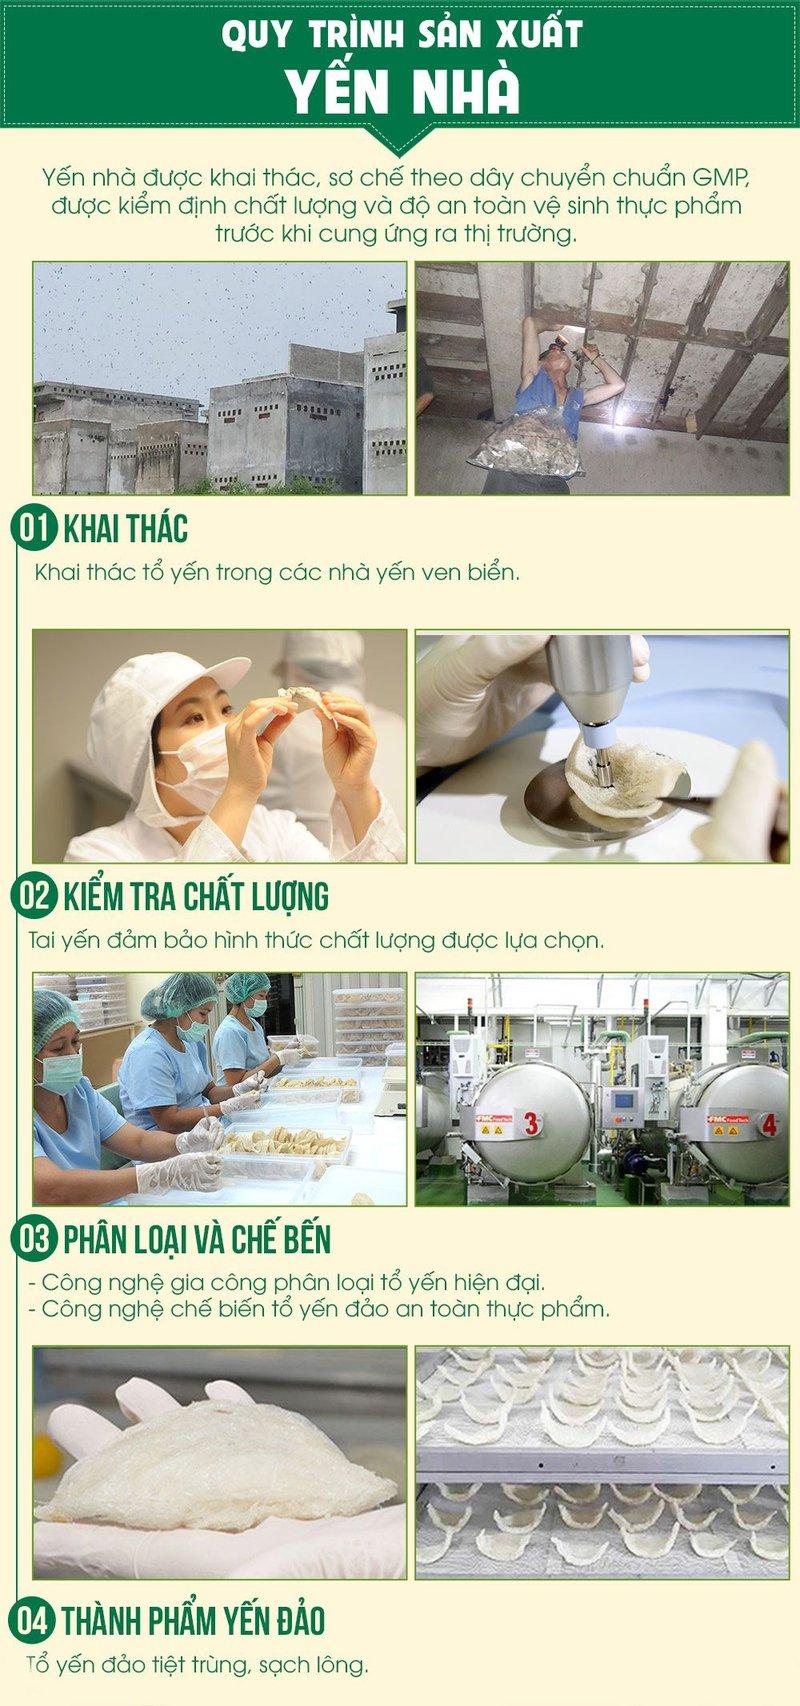 quy trình sản xuất yến nhà